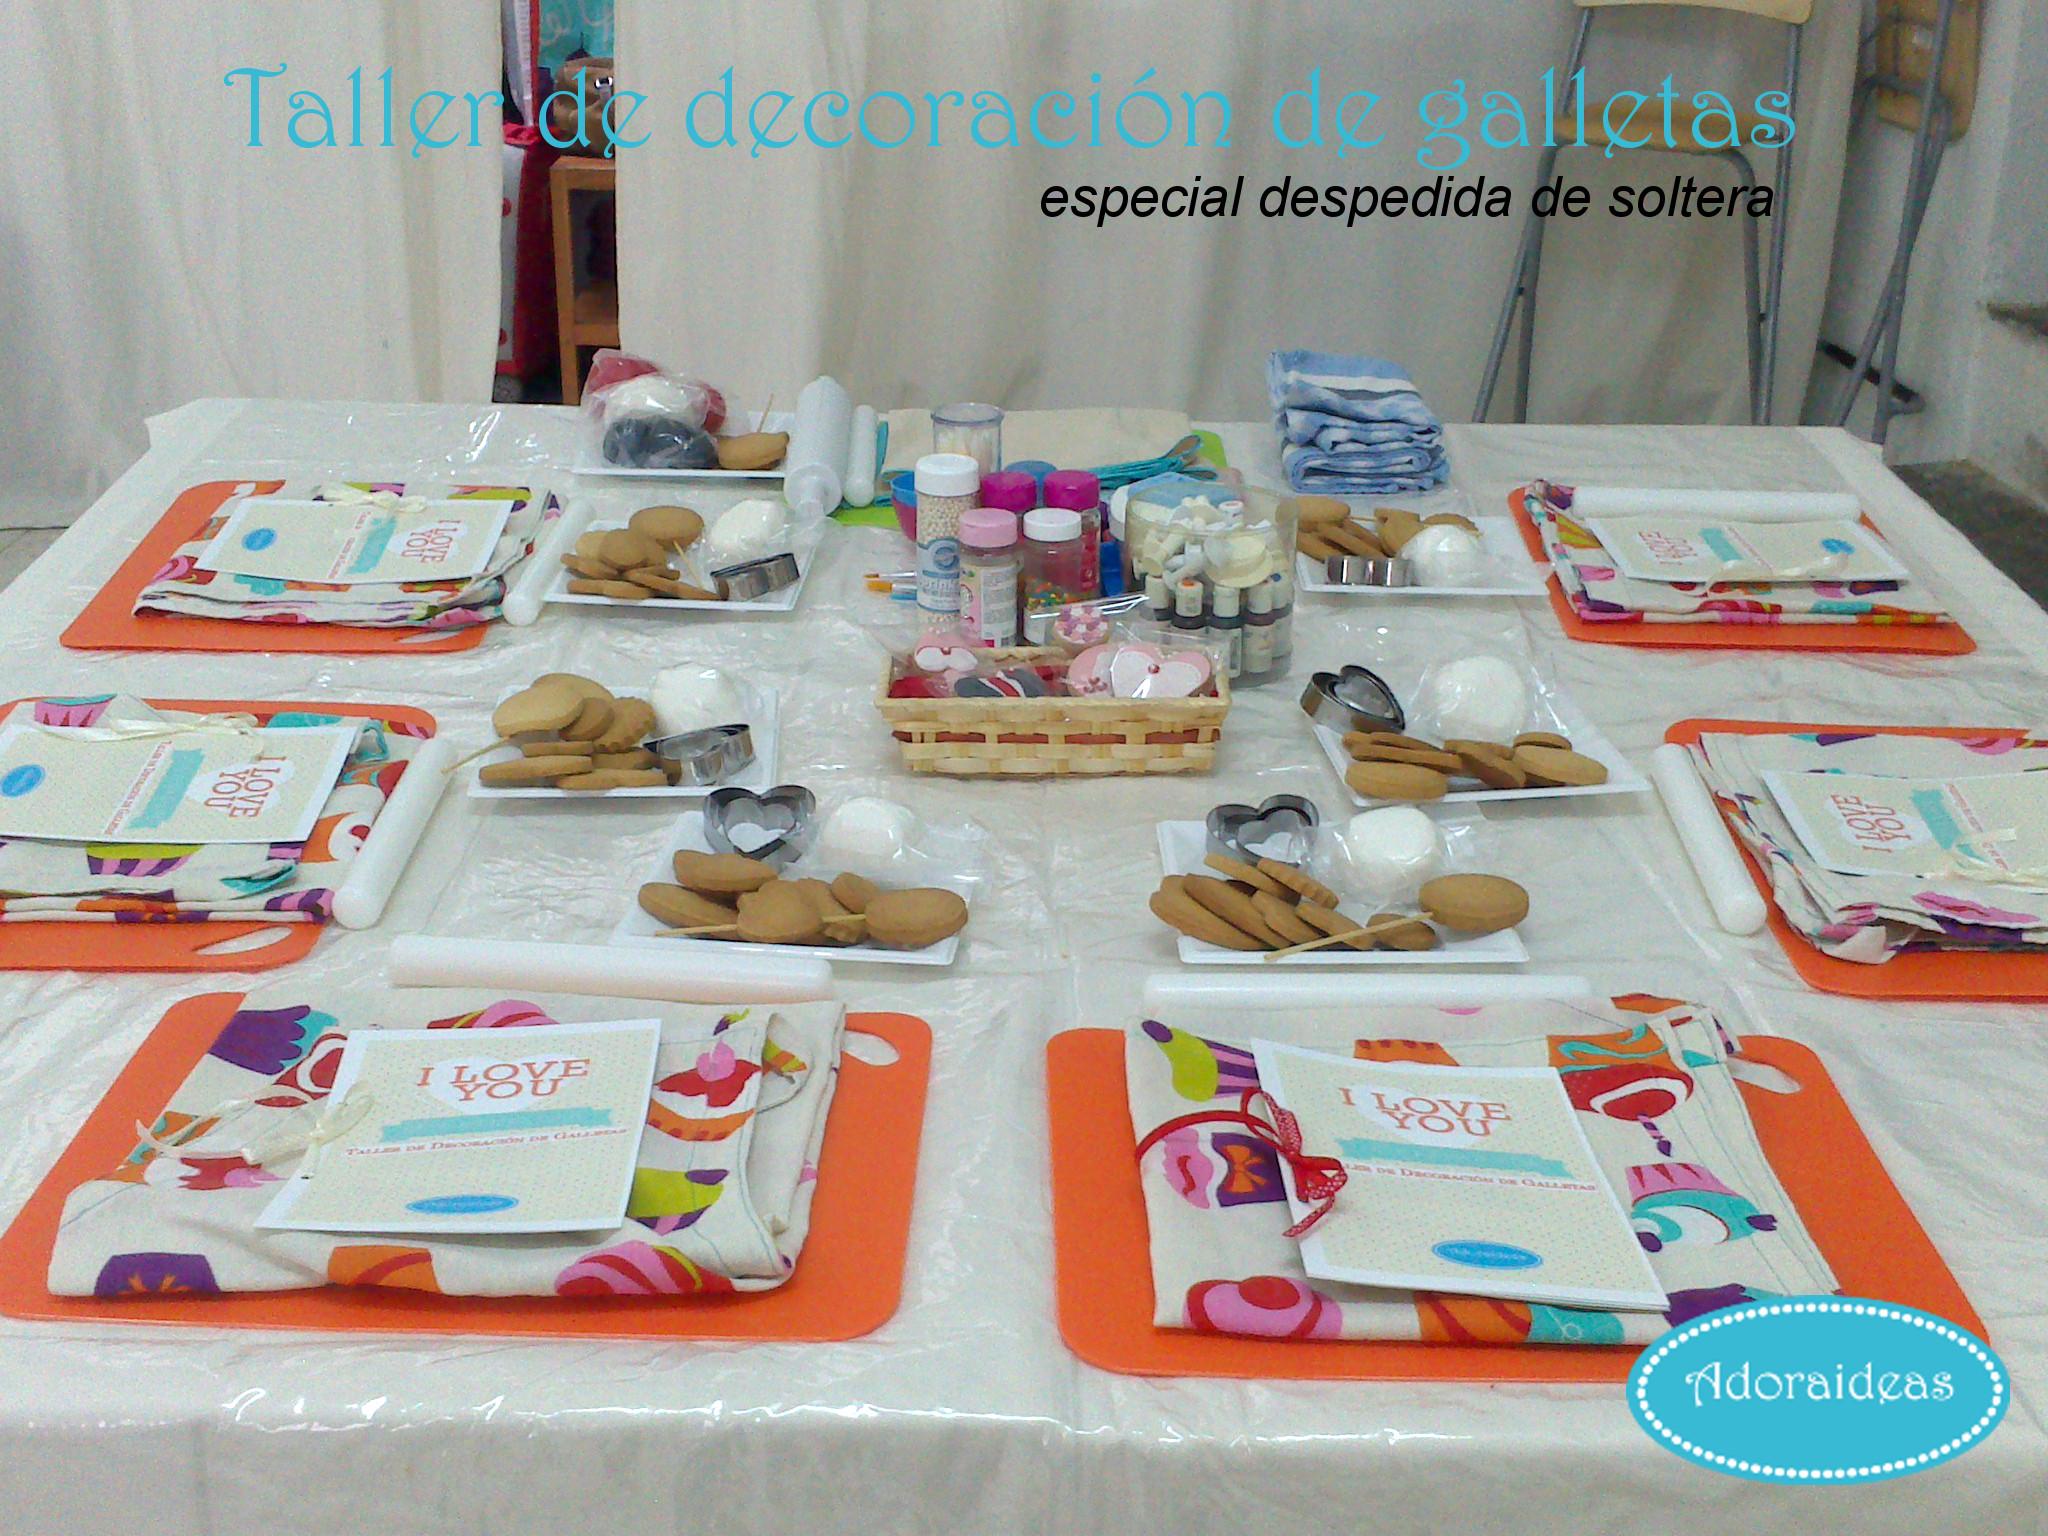 taller-galletas-decoradas-adoriadeas-boda-despedida-soltera-2